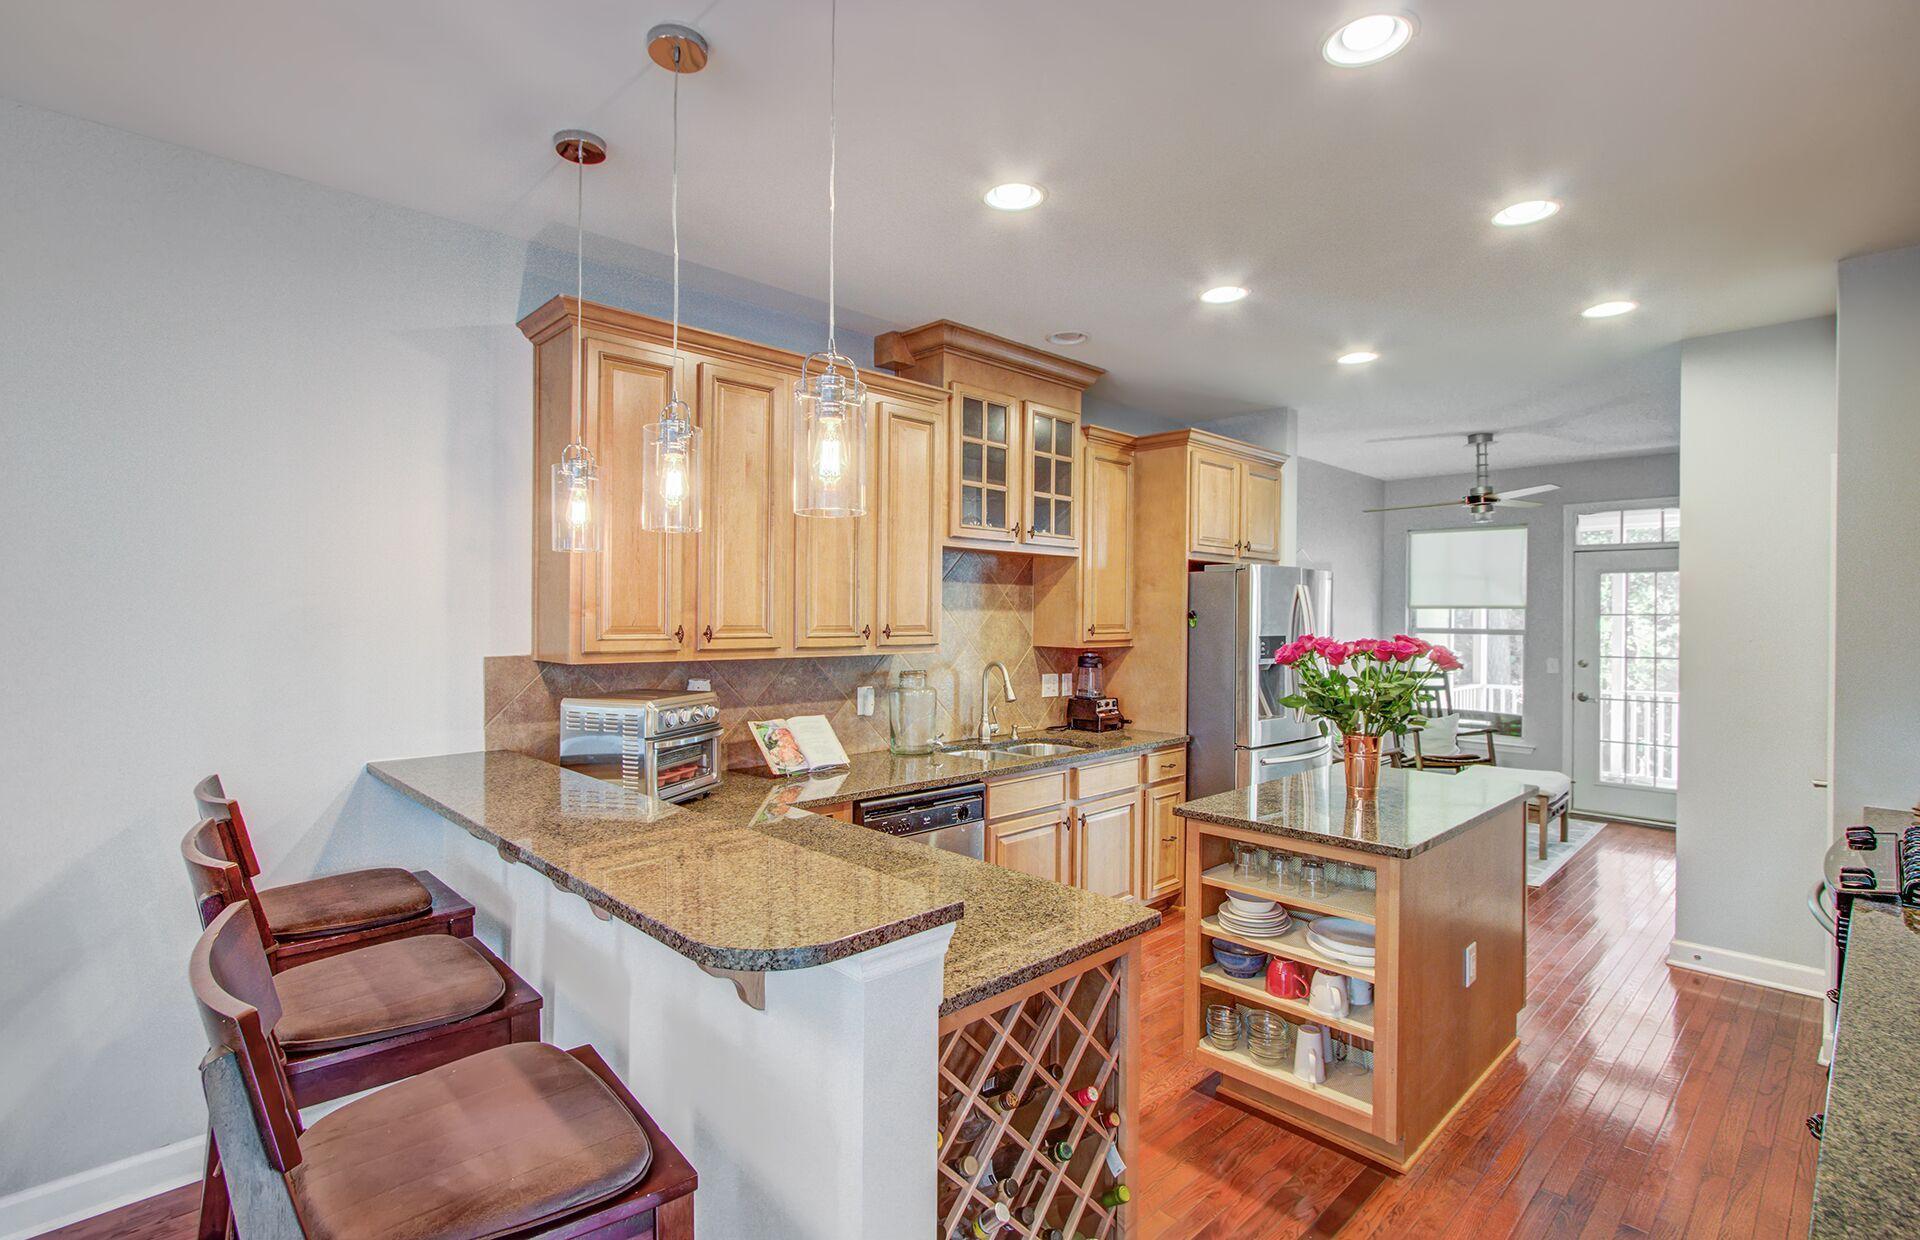 Dunes West Homes For Sale - 100 Fair Sailing, Mount Pleasant, SC - 31